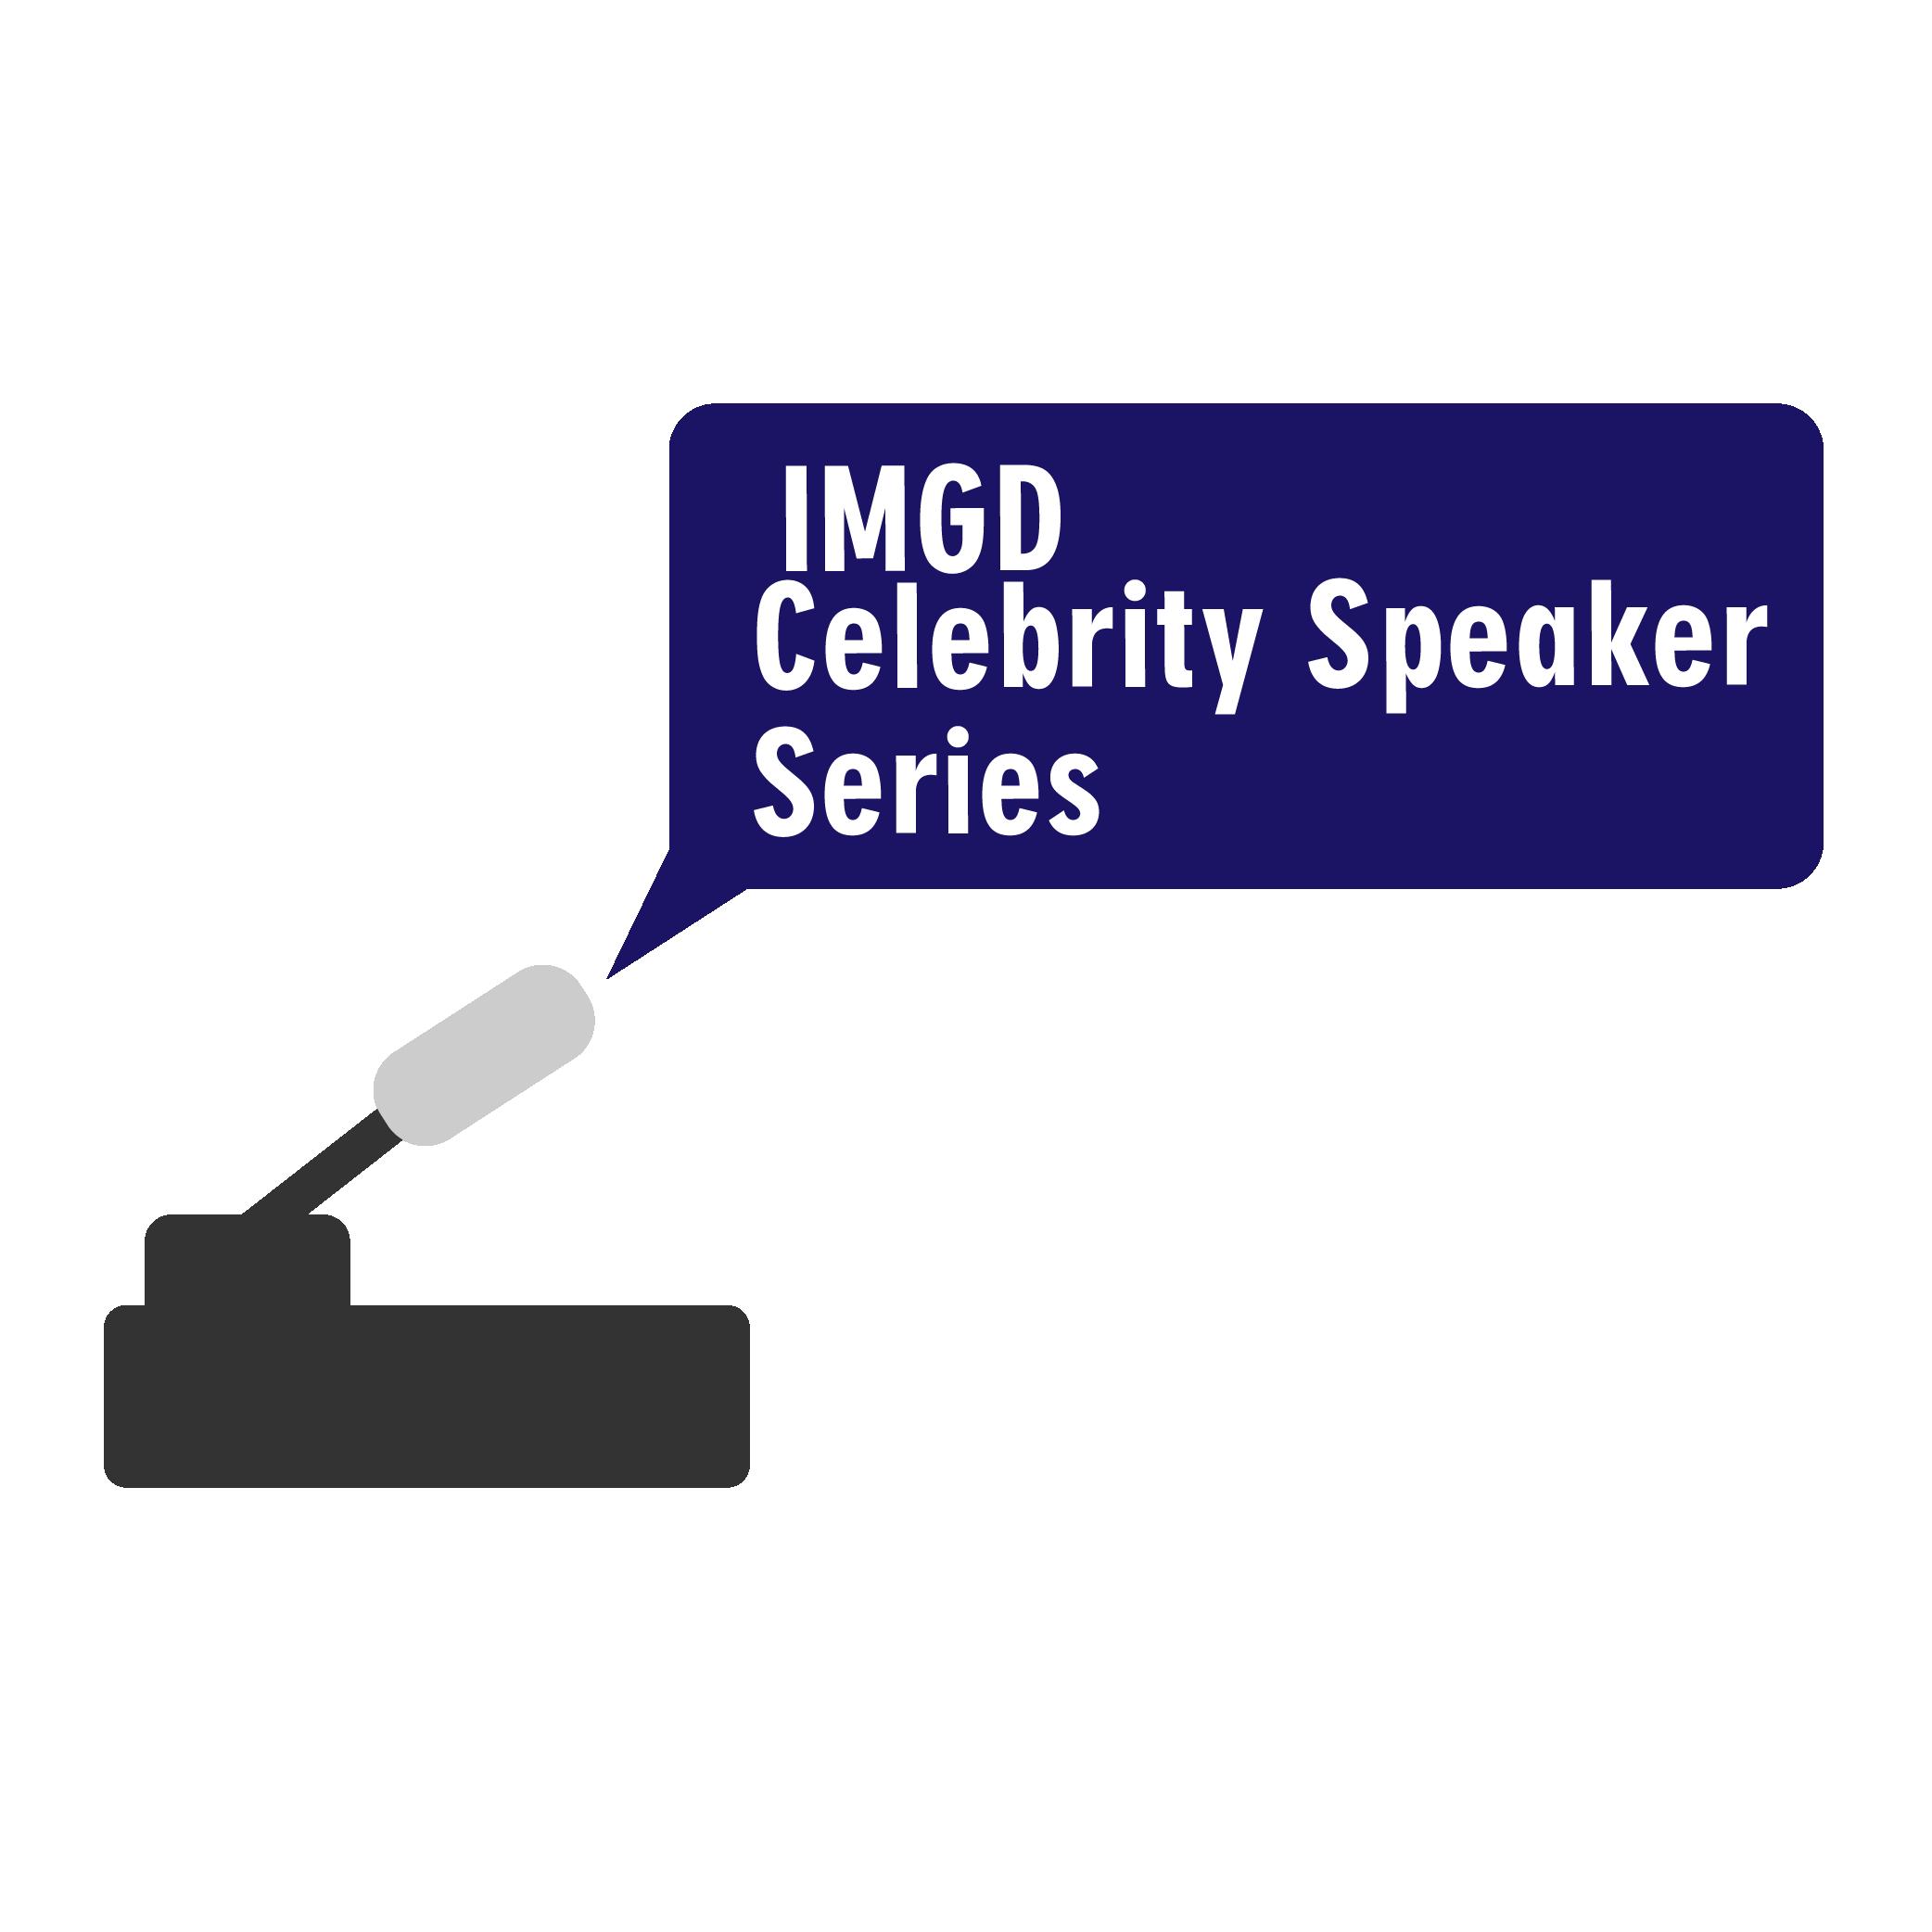 Speaker series logo